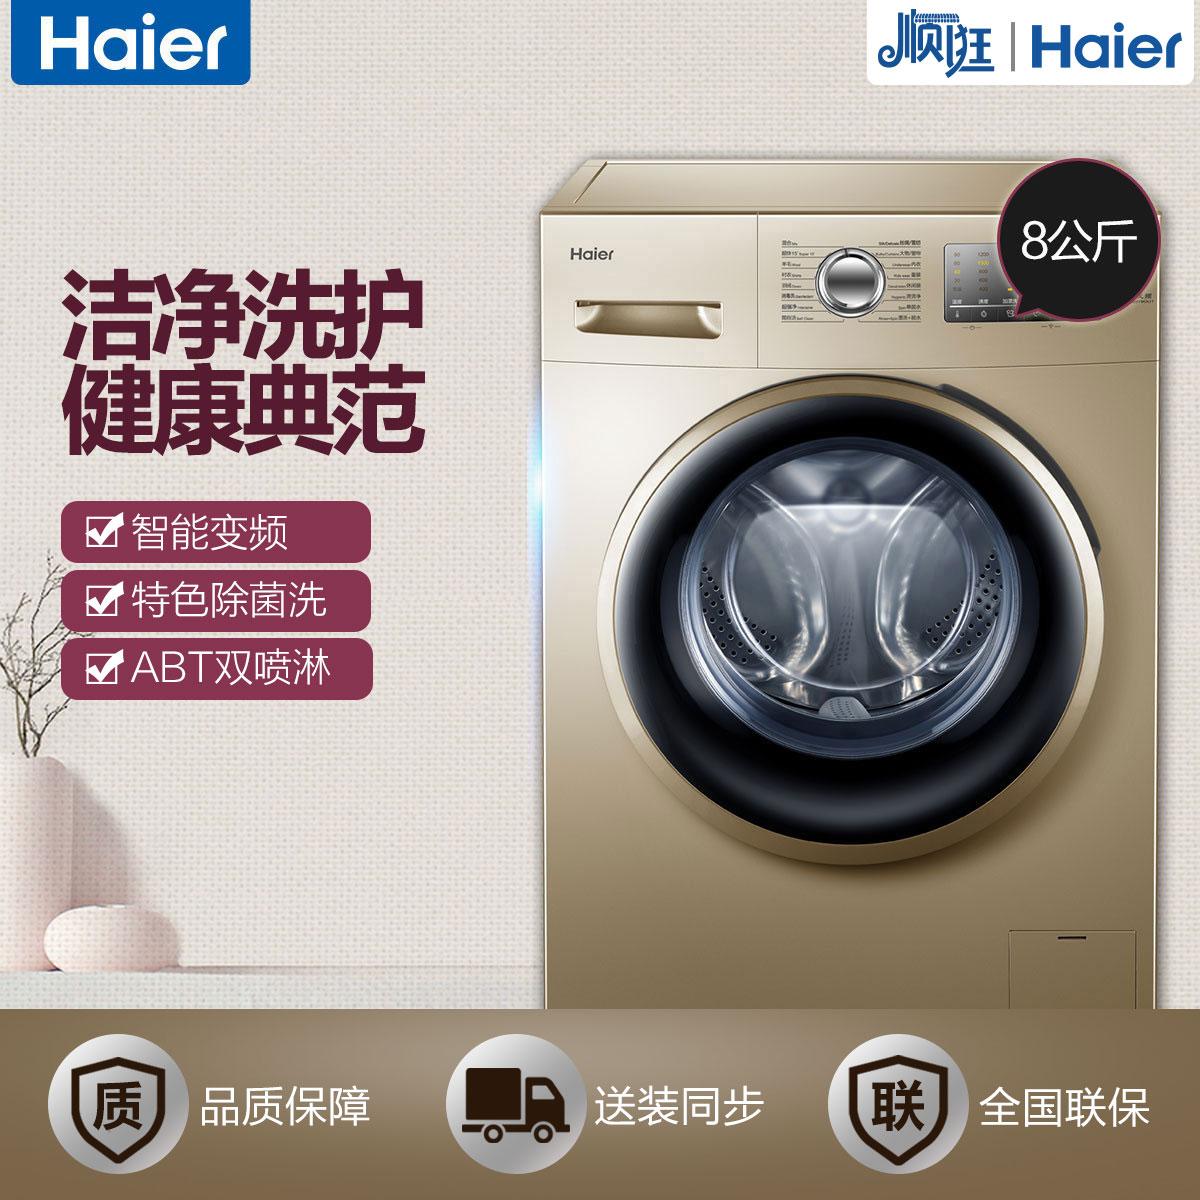 铂鐏金外观 深层洁净 健康筒自洁 EG8012B919GU1 8公斤iMate8智能变频滚筒洗衣机